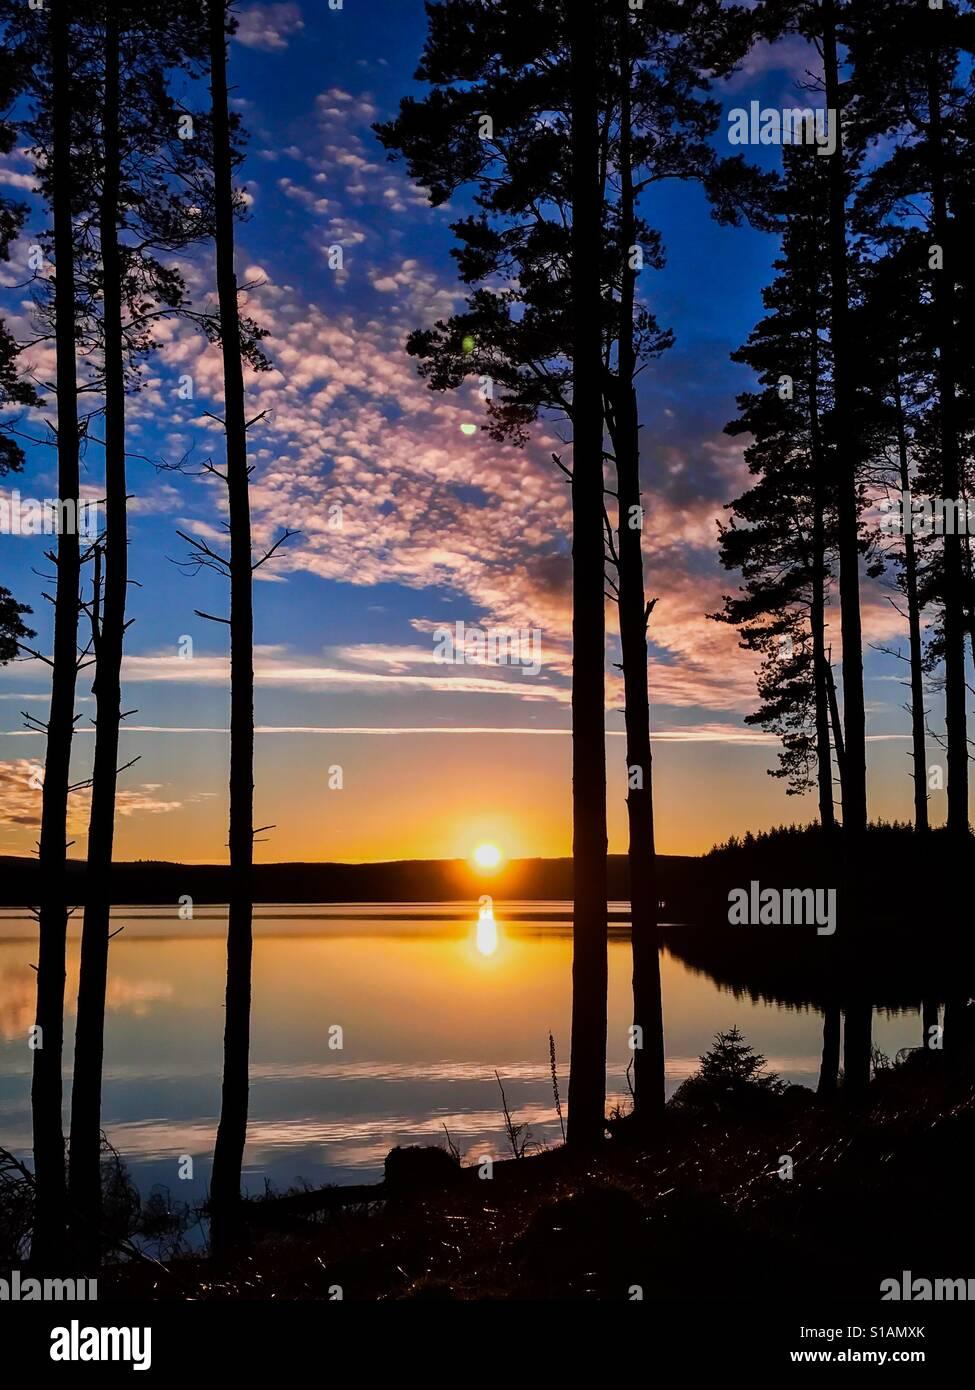 Sonnenuntergang am Kielder Wasser und Wald, Northumberland Park, England Stockfoto